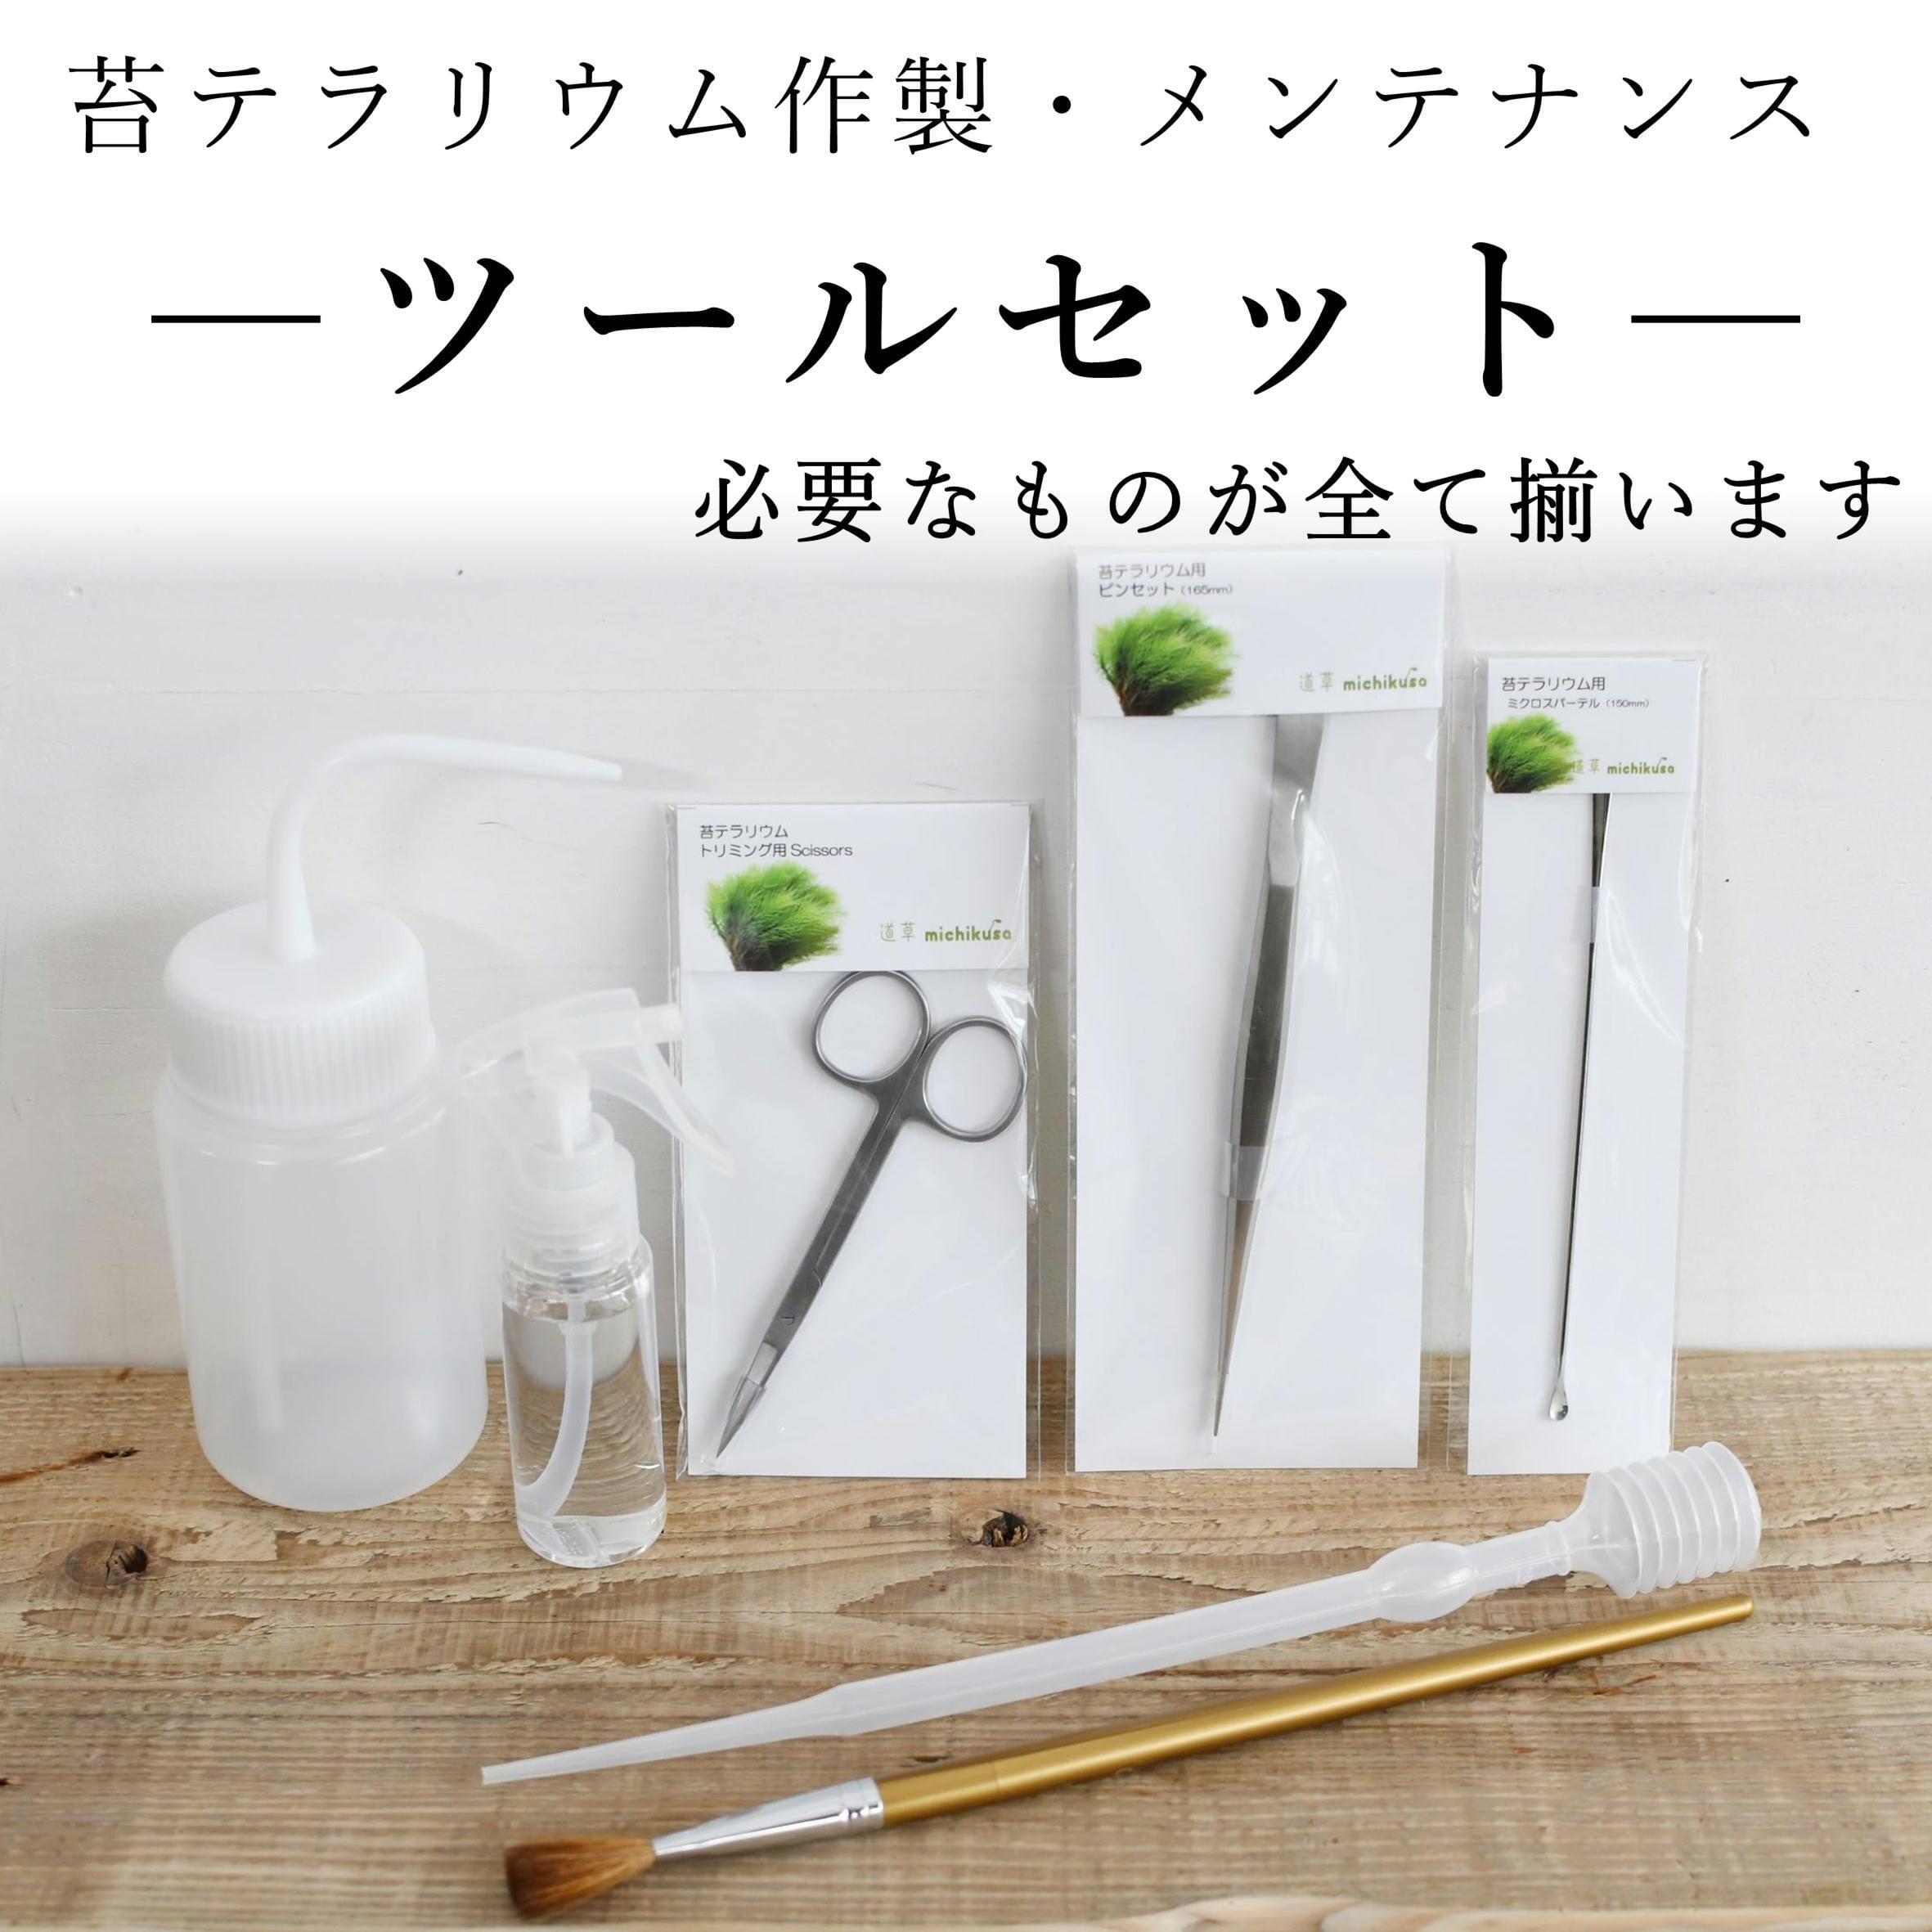 苔テラリウム 作製・メンテナンス用 ツールセット(7点set)